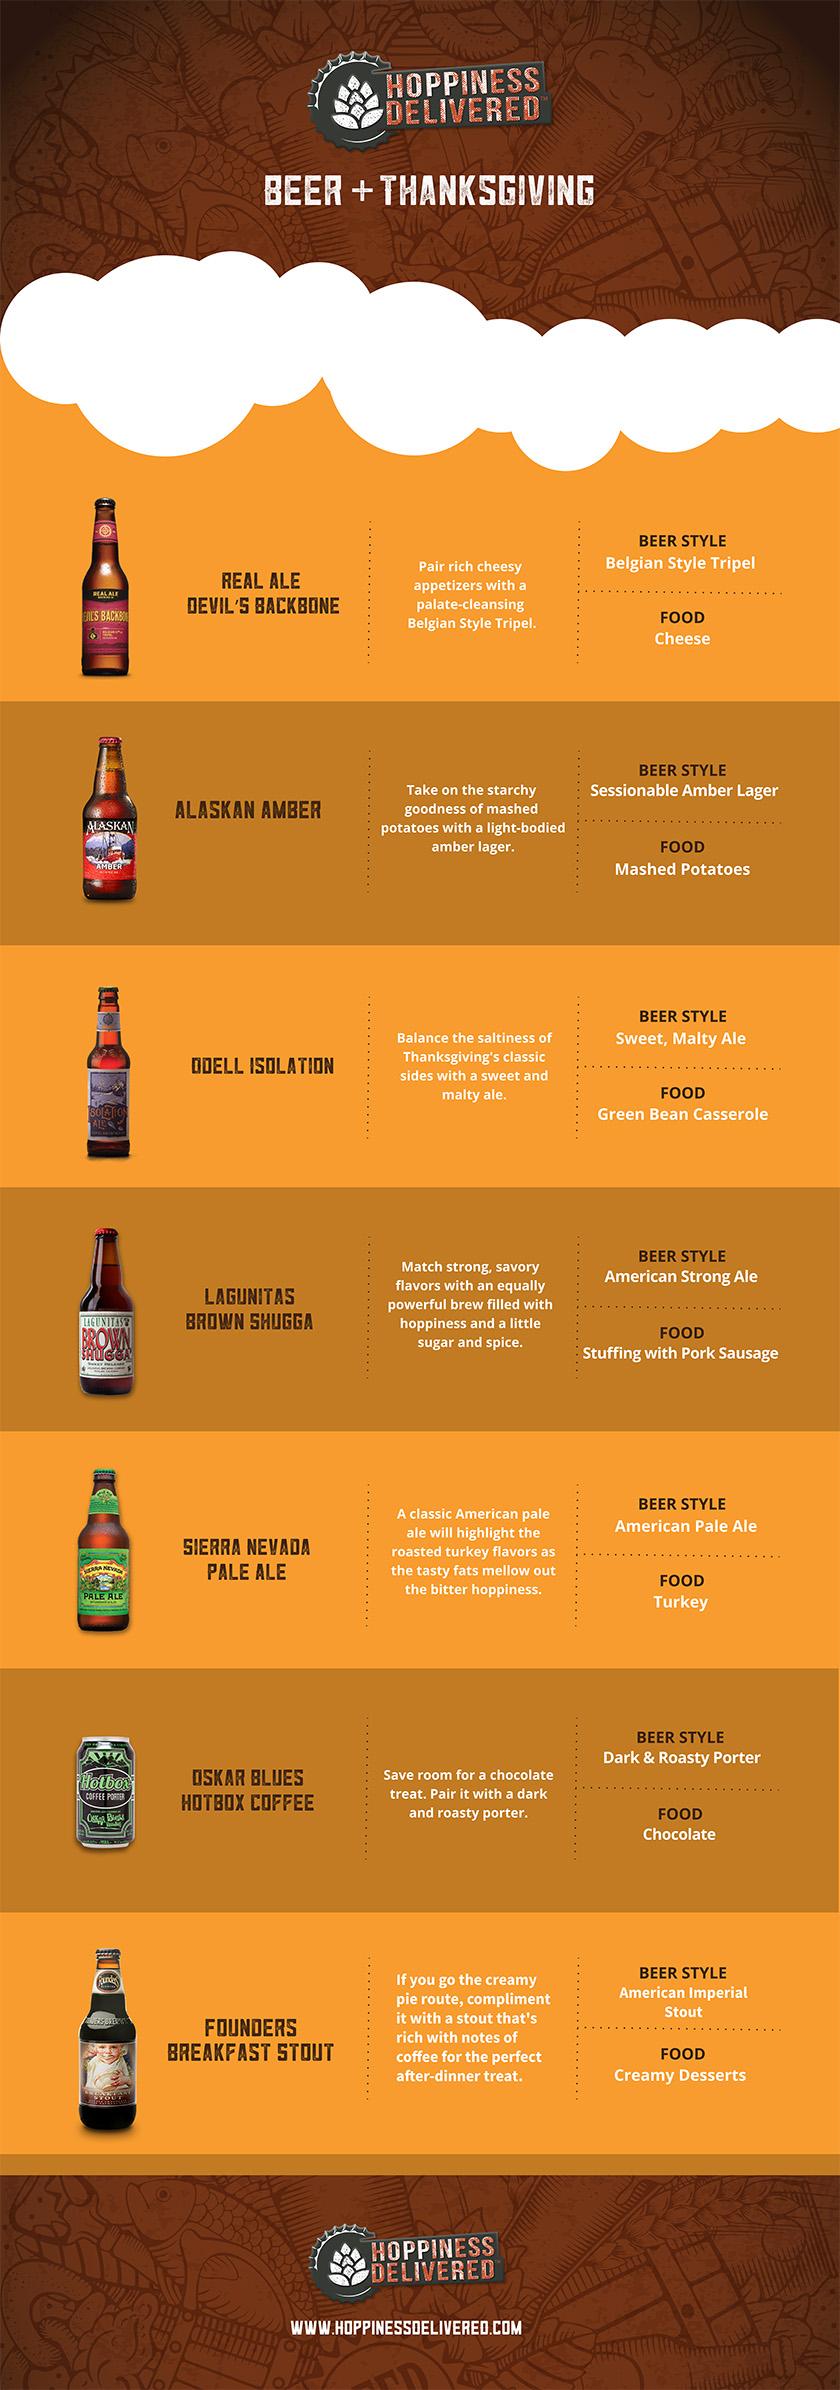 BeerPairing_Infographic